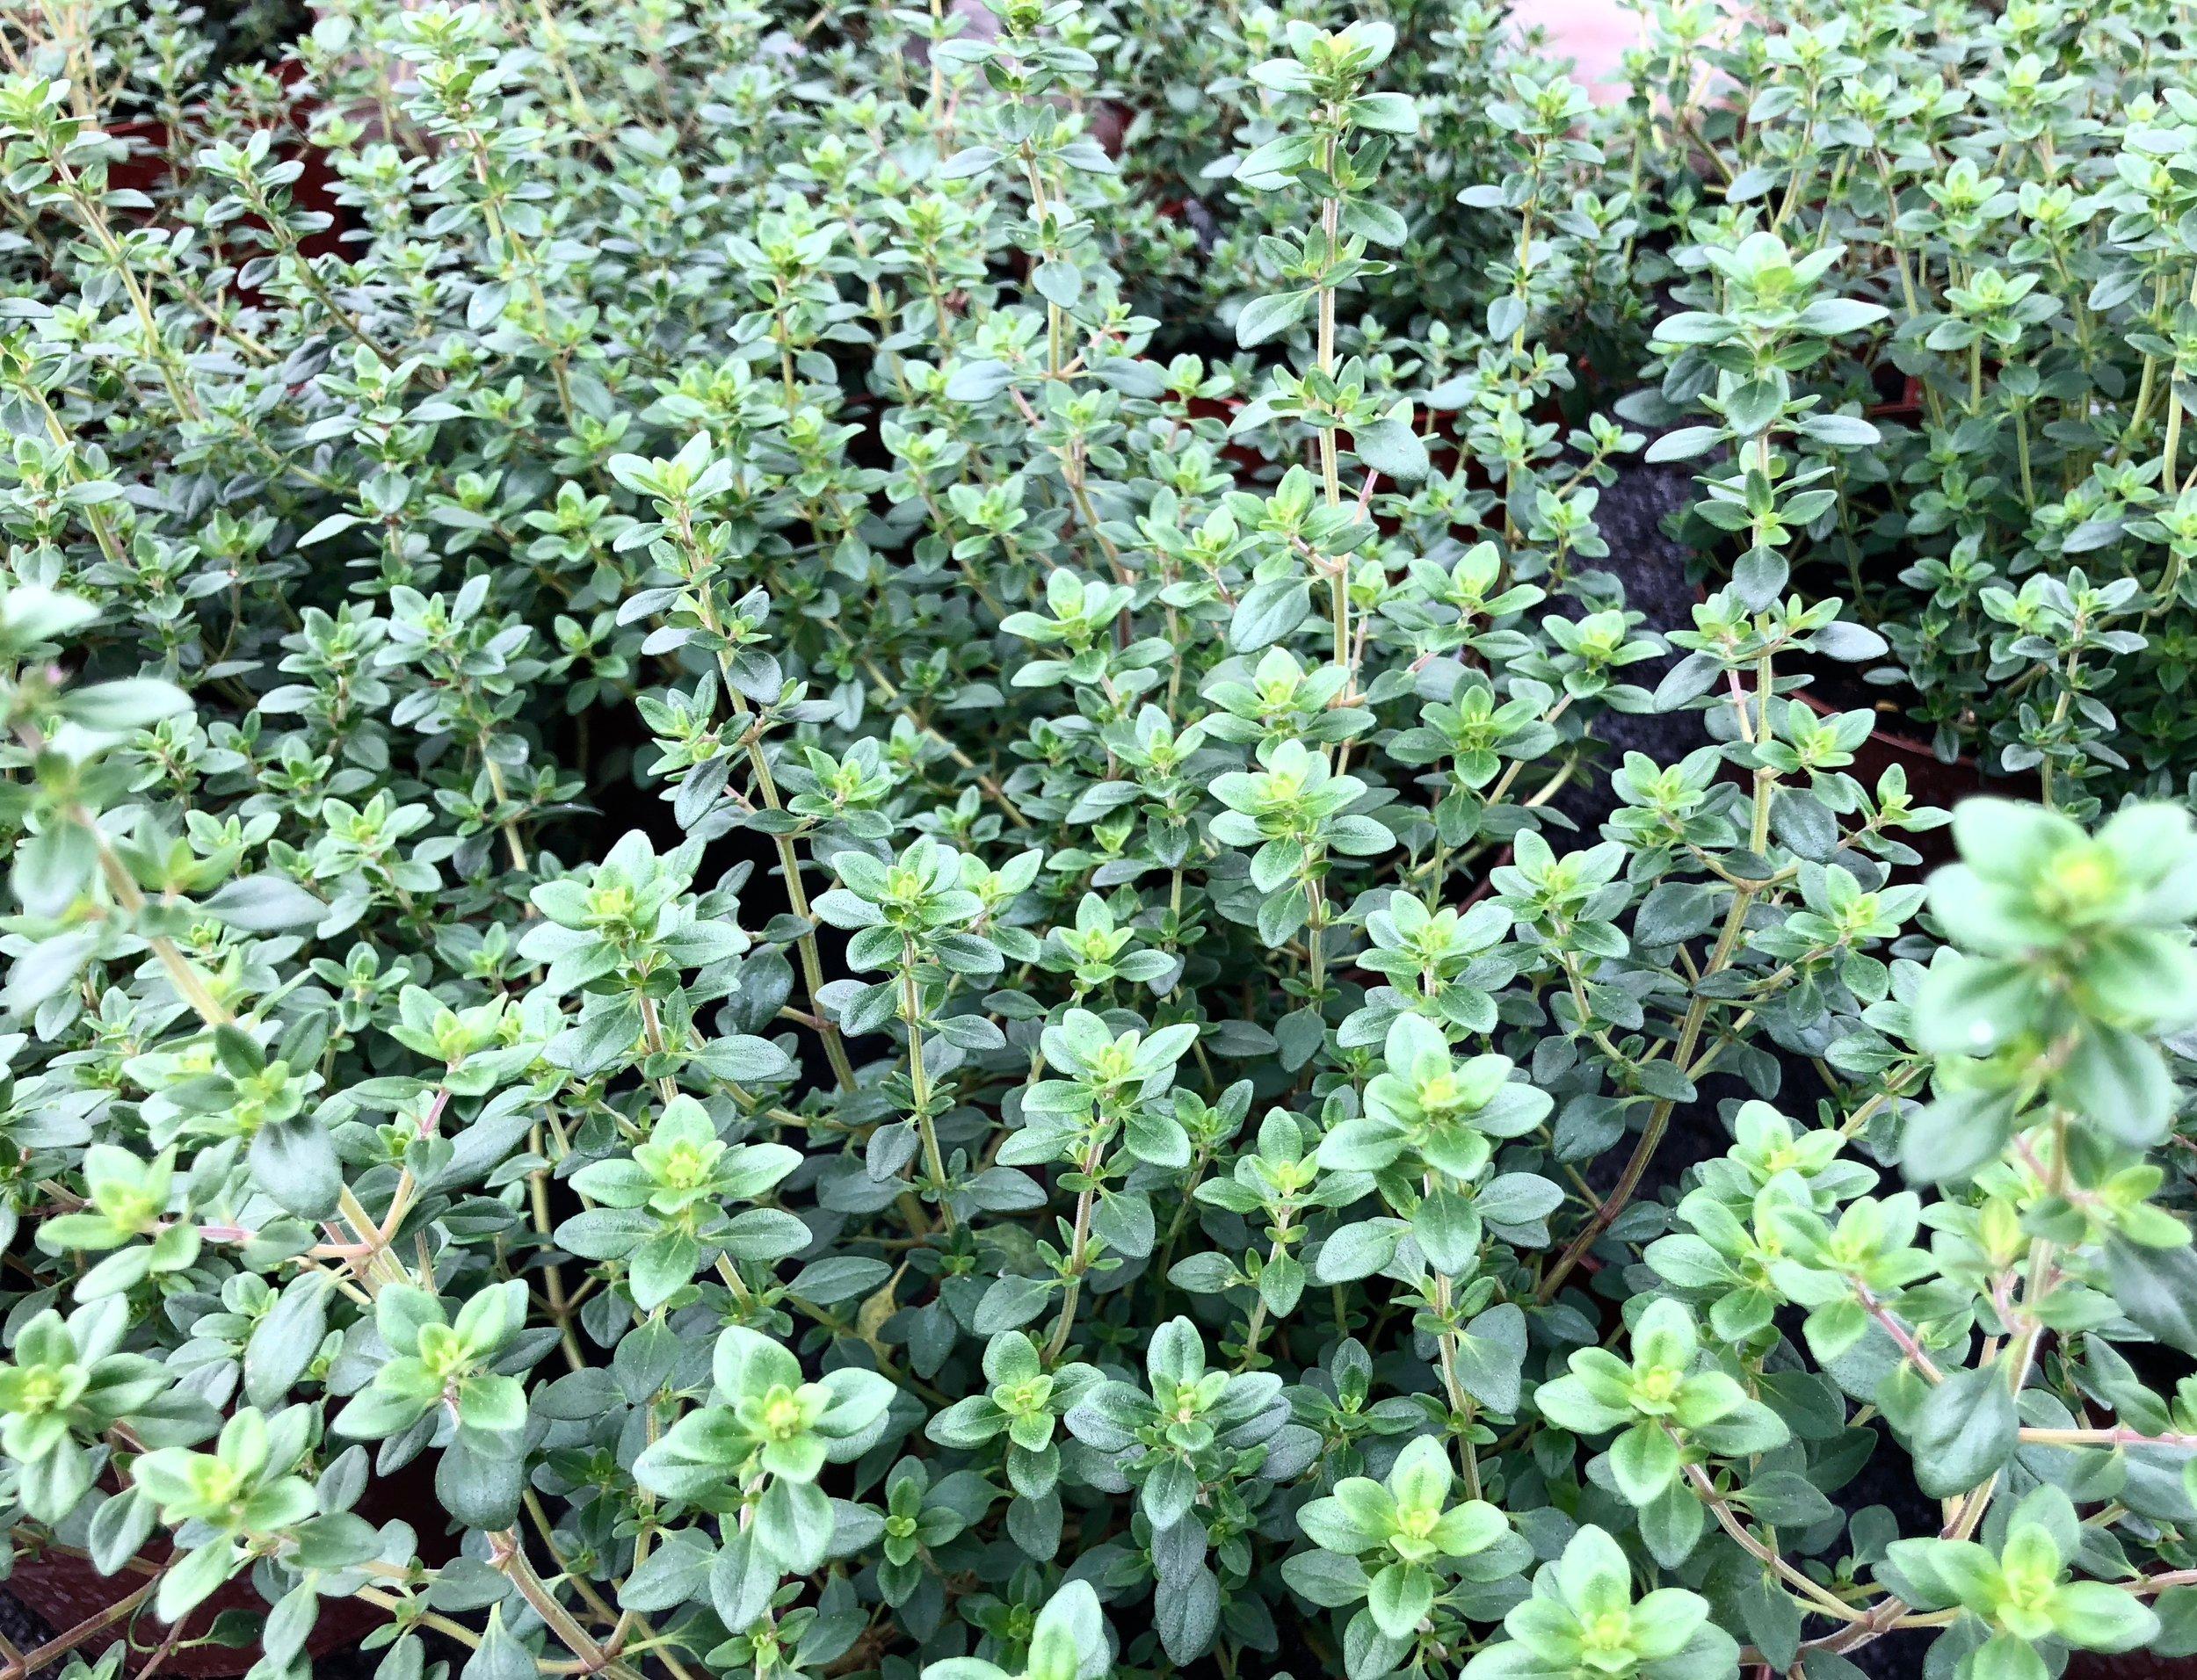 Der findes utroligt mange slags timian: citrontimian, appelsintimian, lodden timian, almindelig timian, smalbladet timian. Jeg har den almindelige og en citrontimian.